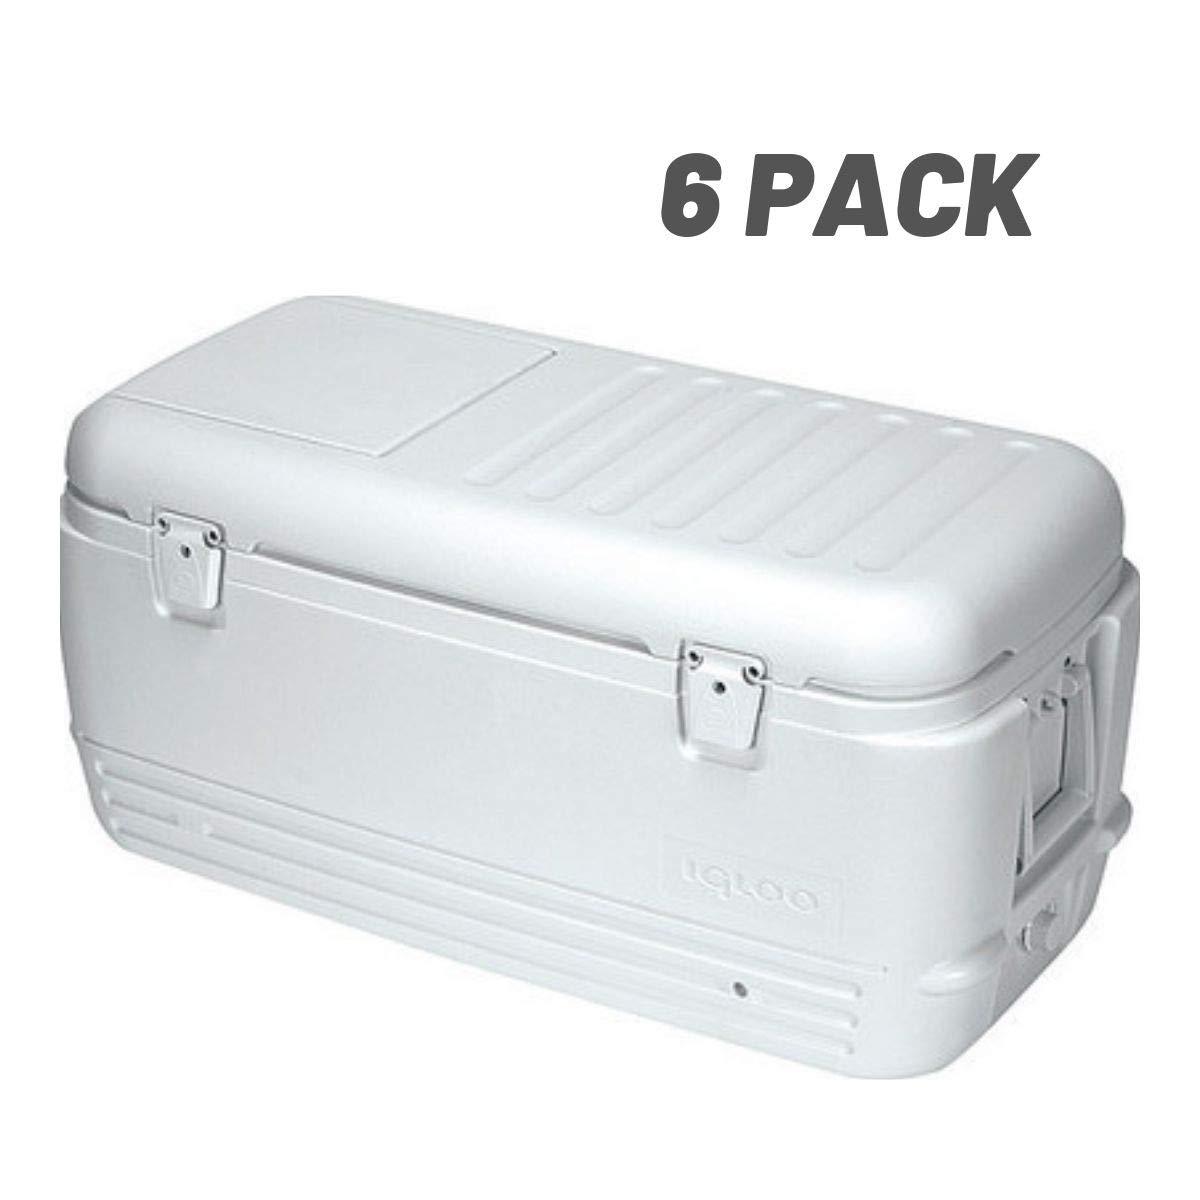 Igloo Quick and Cool 100 Qt. Cooler - 11442 (100-Quart - 6 Pack)